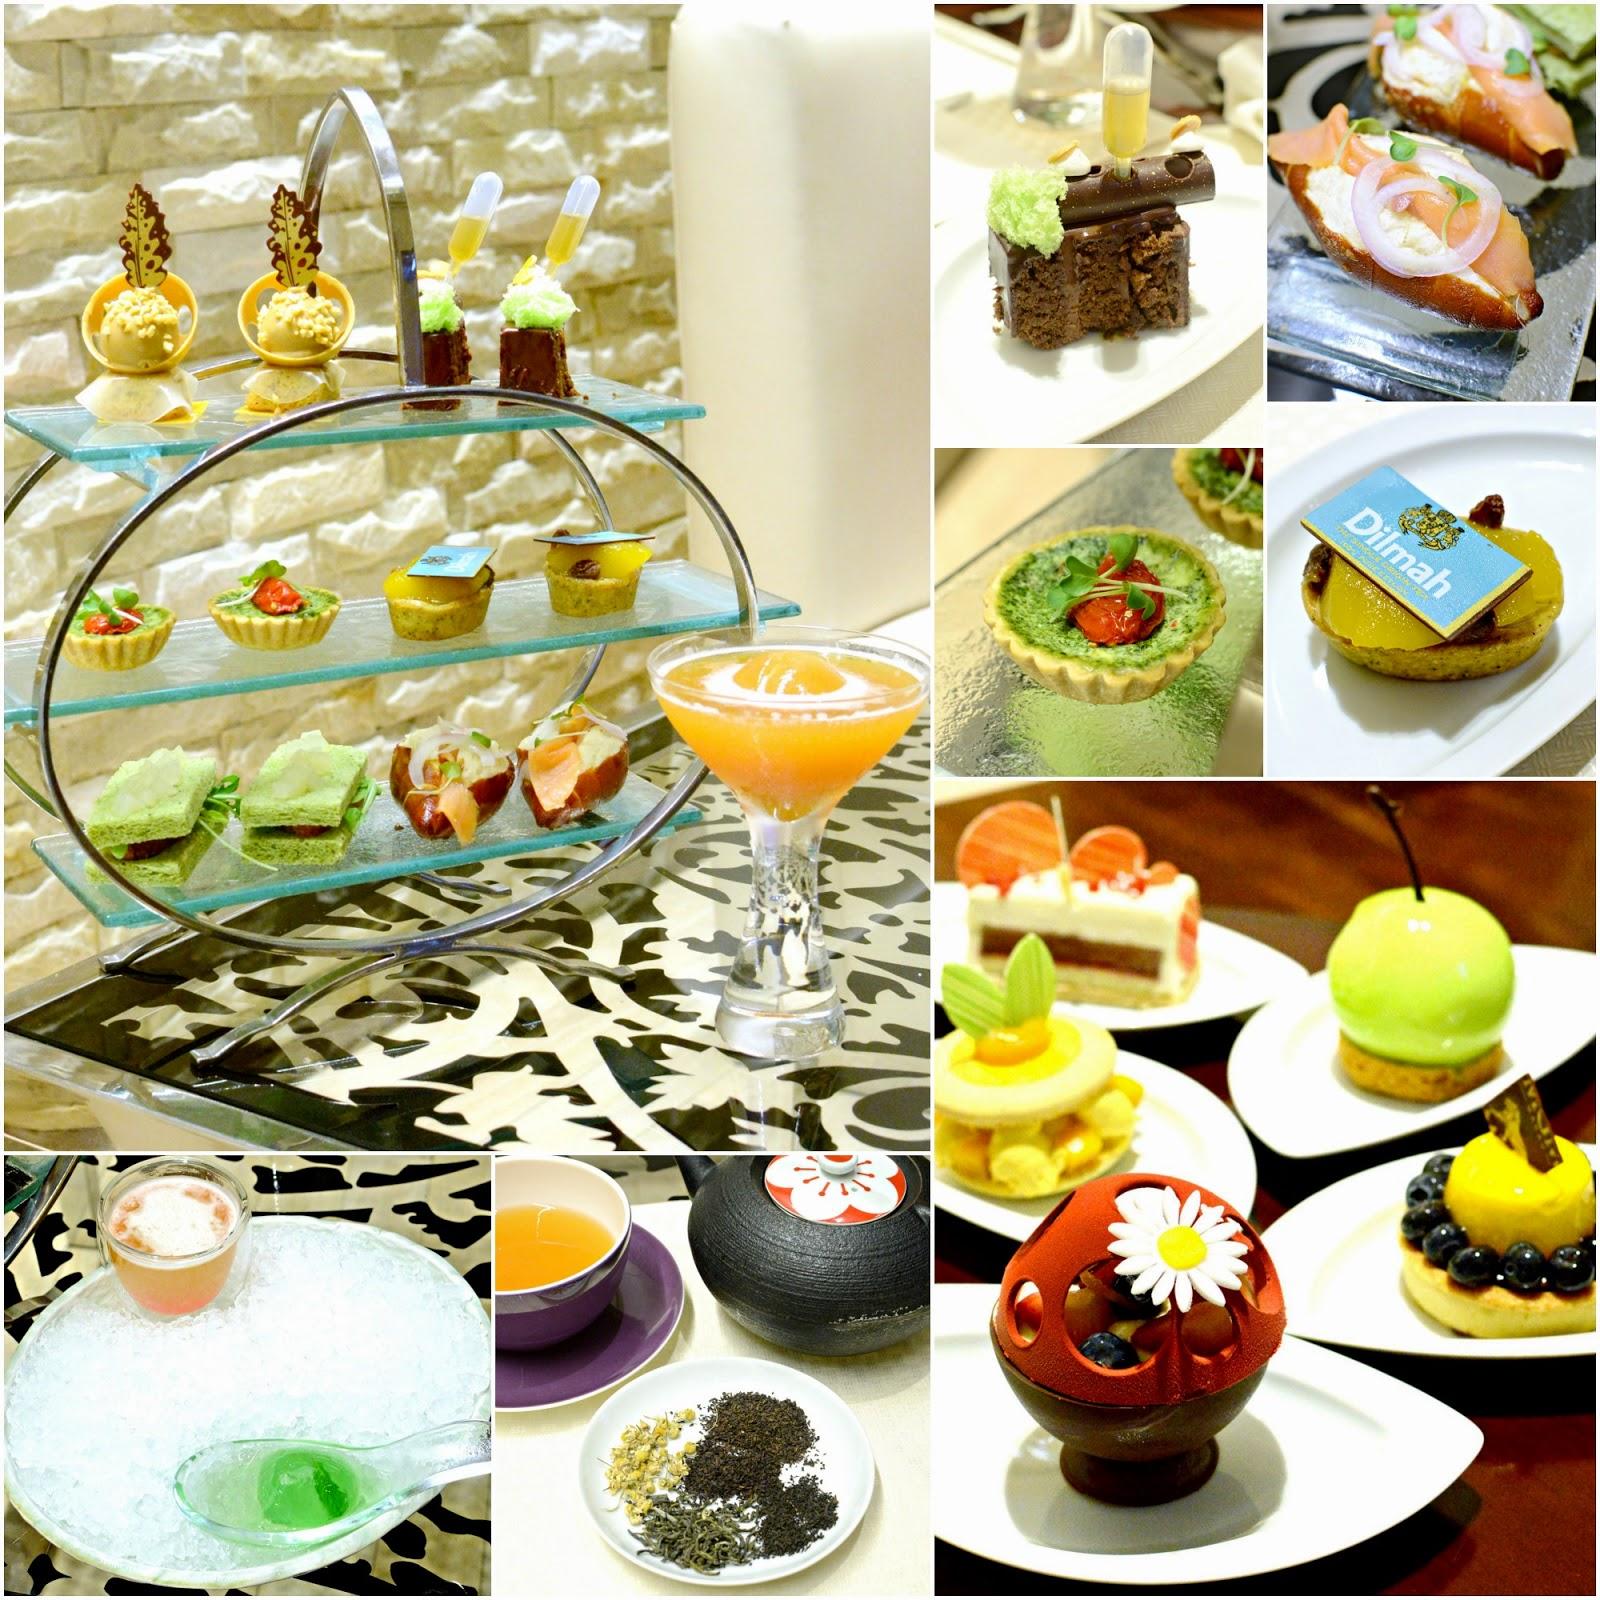 Chocolatemuimui : 澳門:MGM Patisserie - 帝瑪下午茶及新款夏日蛋糕